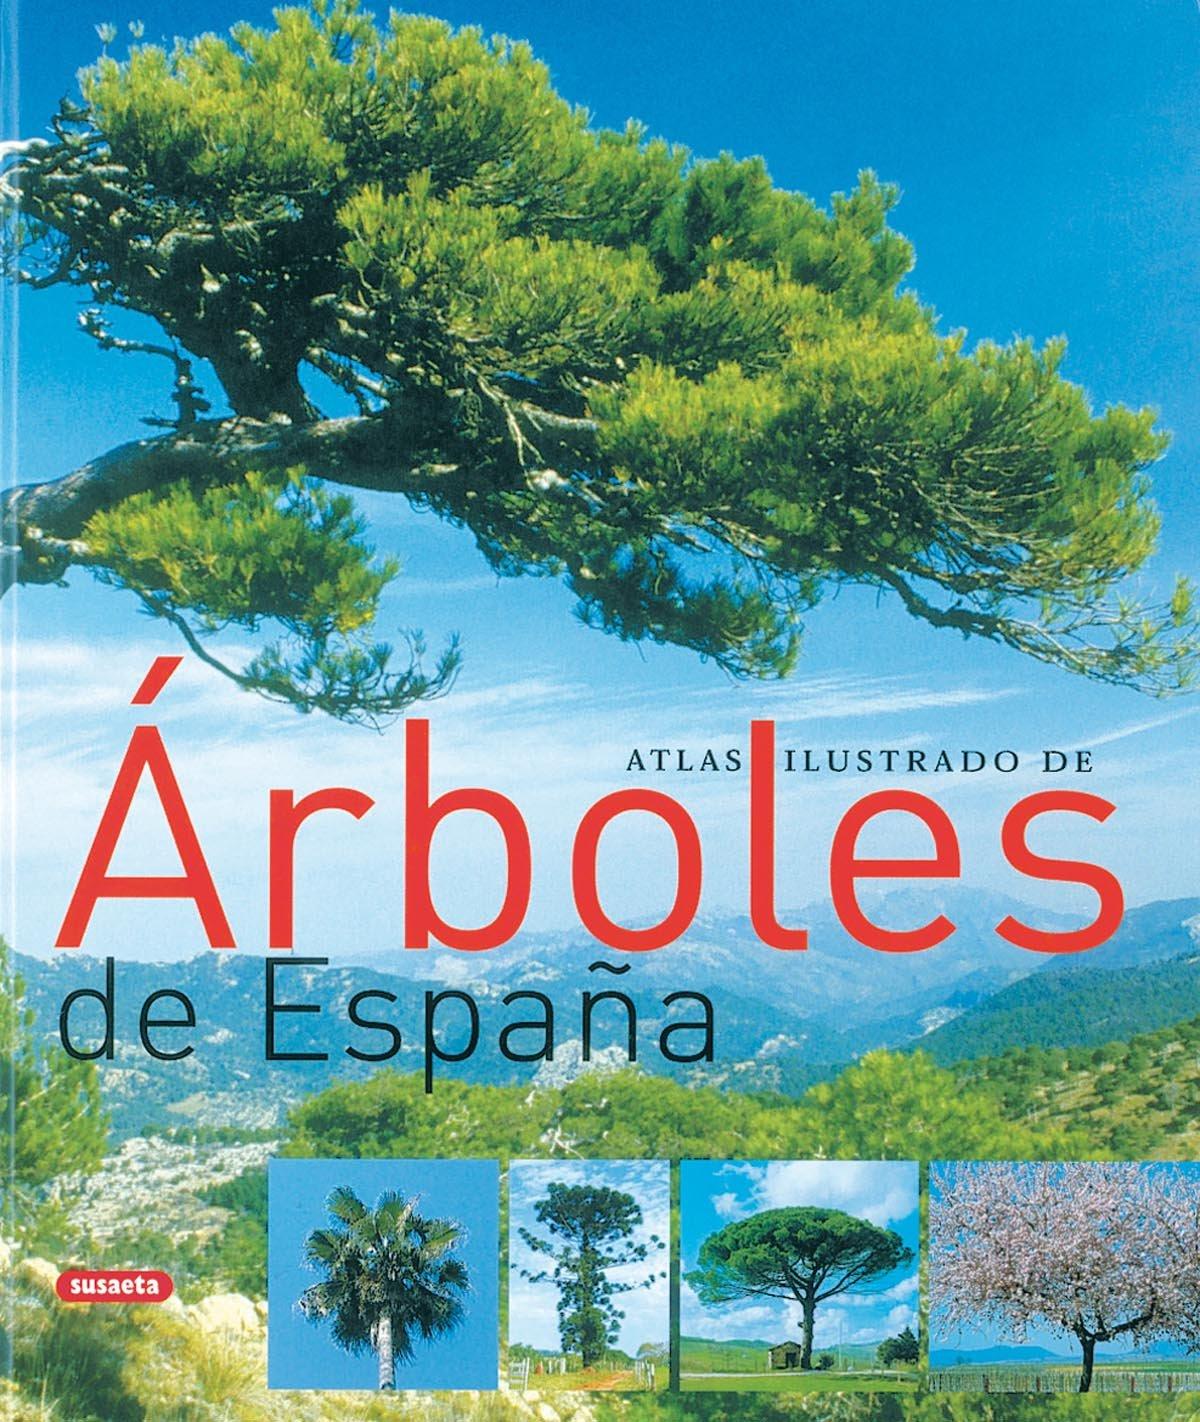 Arboles De España,Atlas Ilustrado: Amazon.es: Susaeta, Equipo: Libros